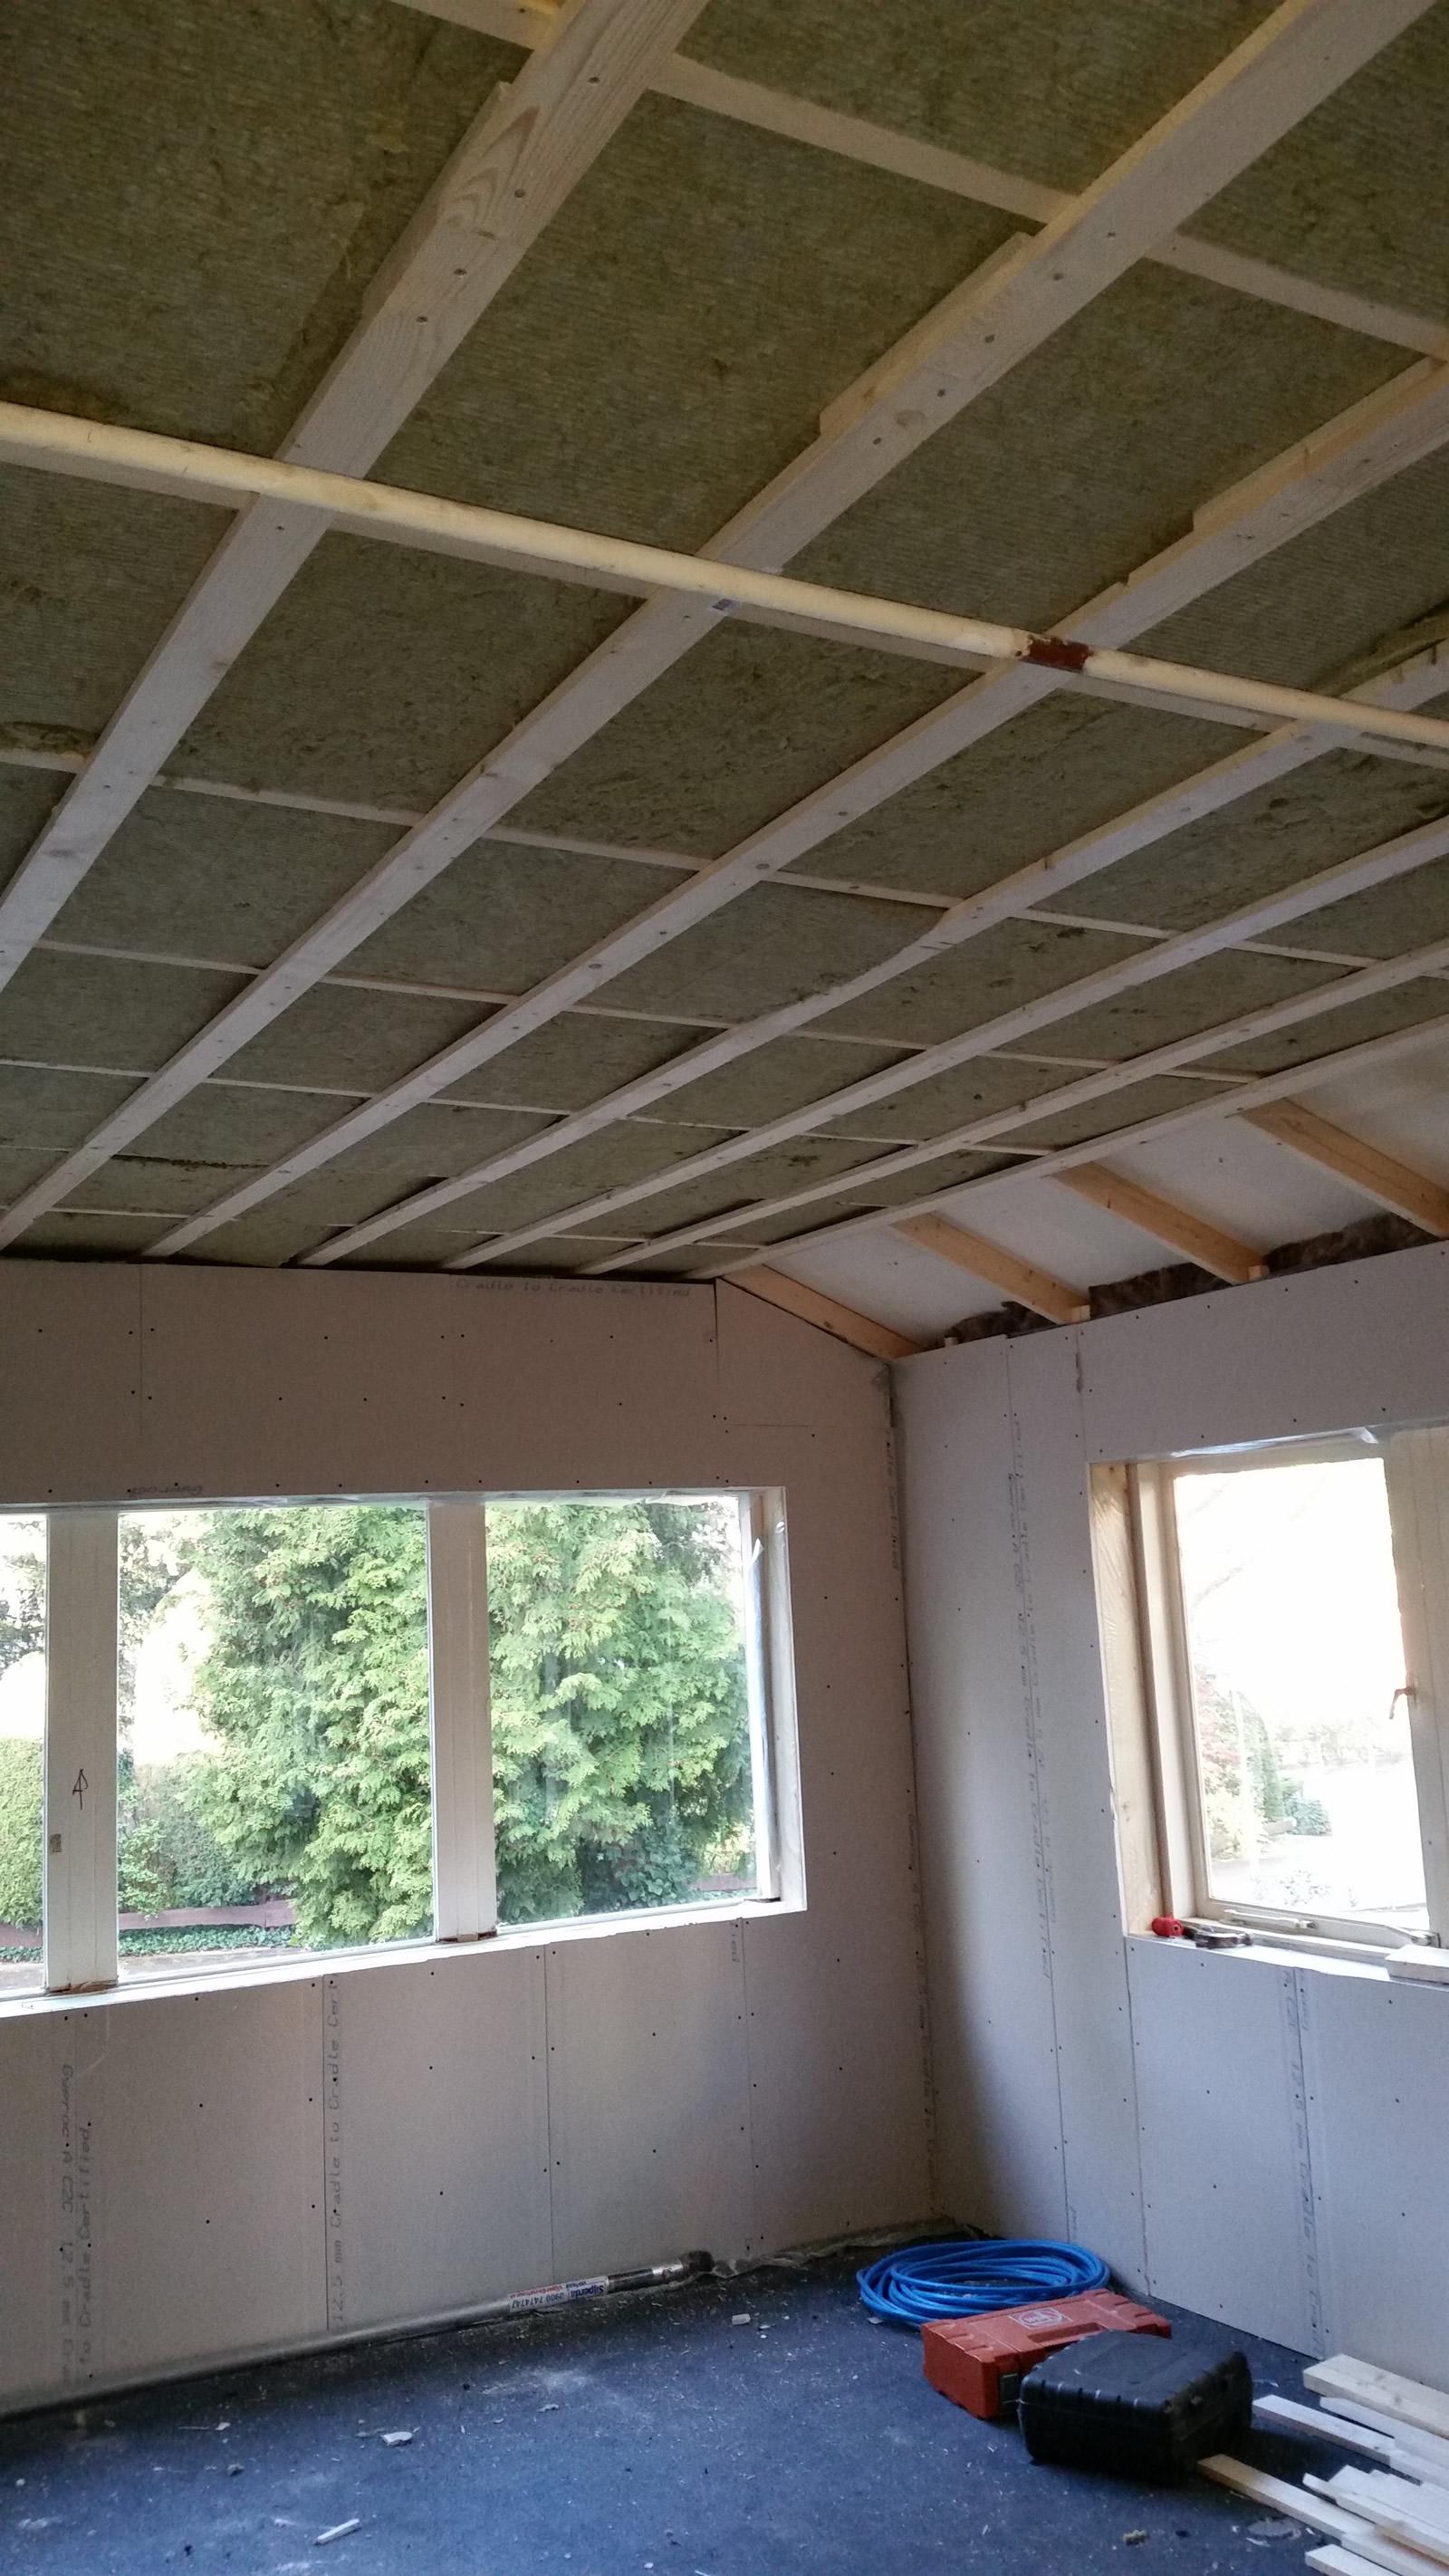 Keukenrenovatie Flevoland : Foto s Gerealiseerde projecten door RMK Totaalonderhoud